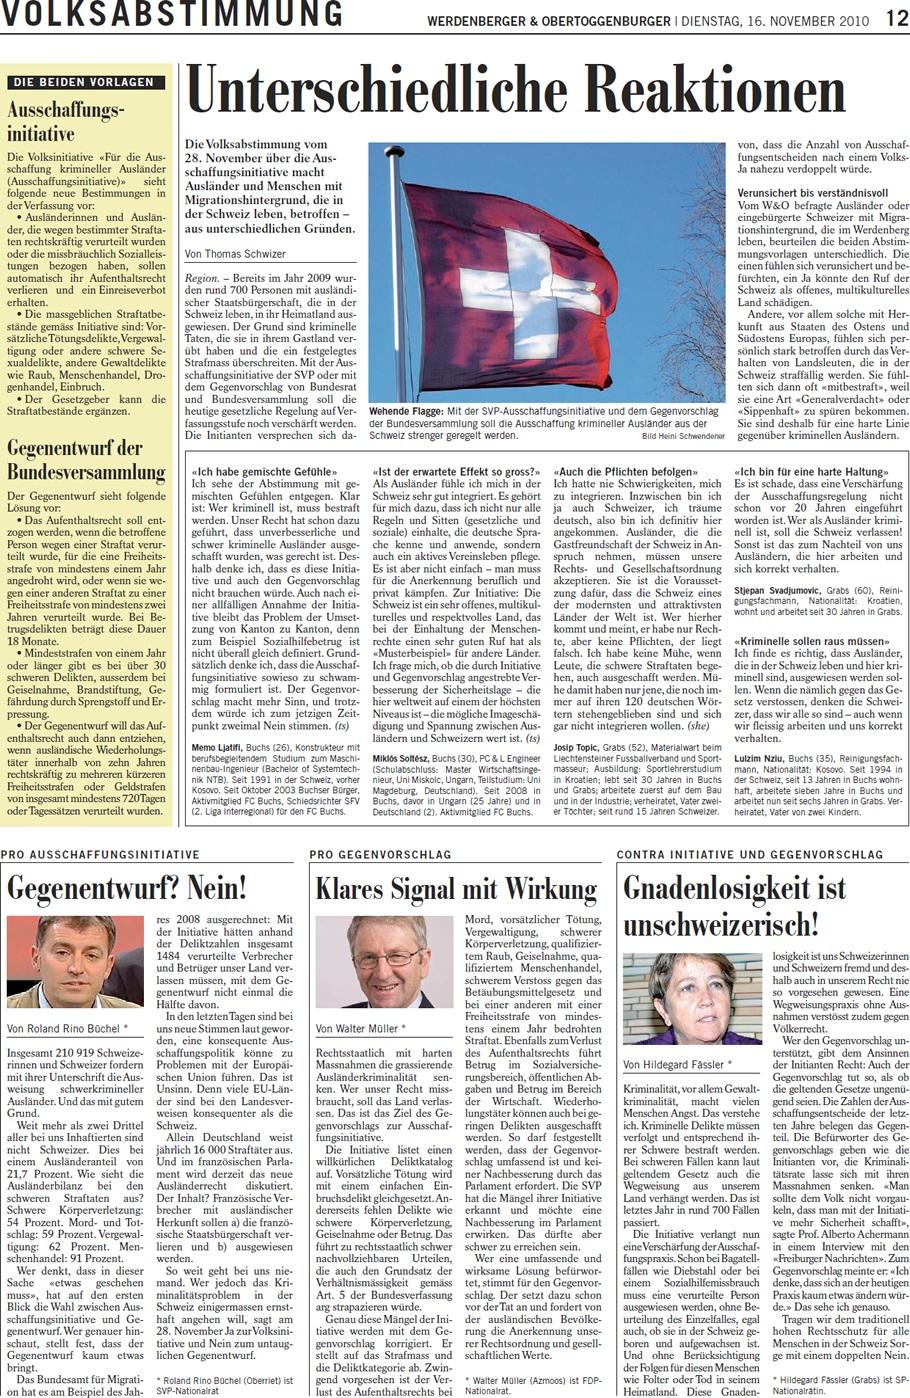 Rheintalische Volkszeitung: Gegenvorschlag? Nein!